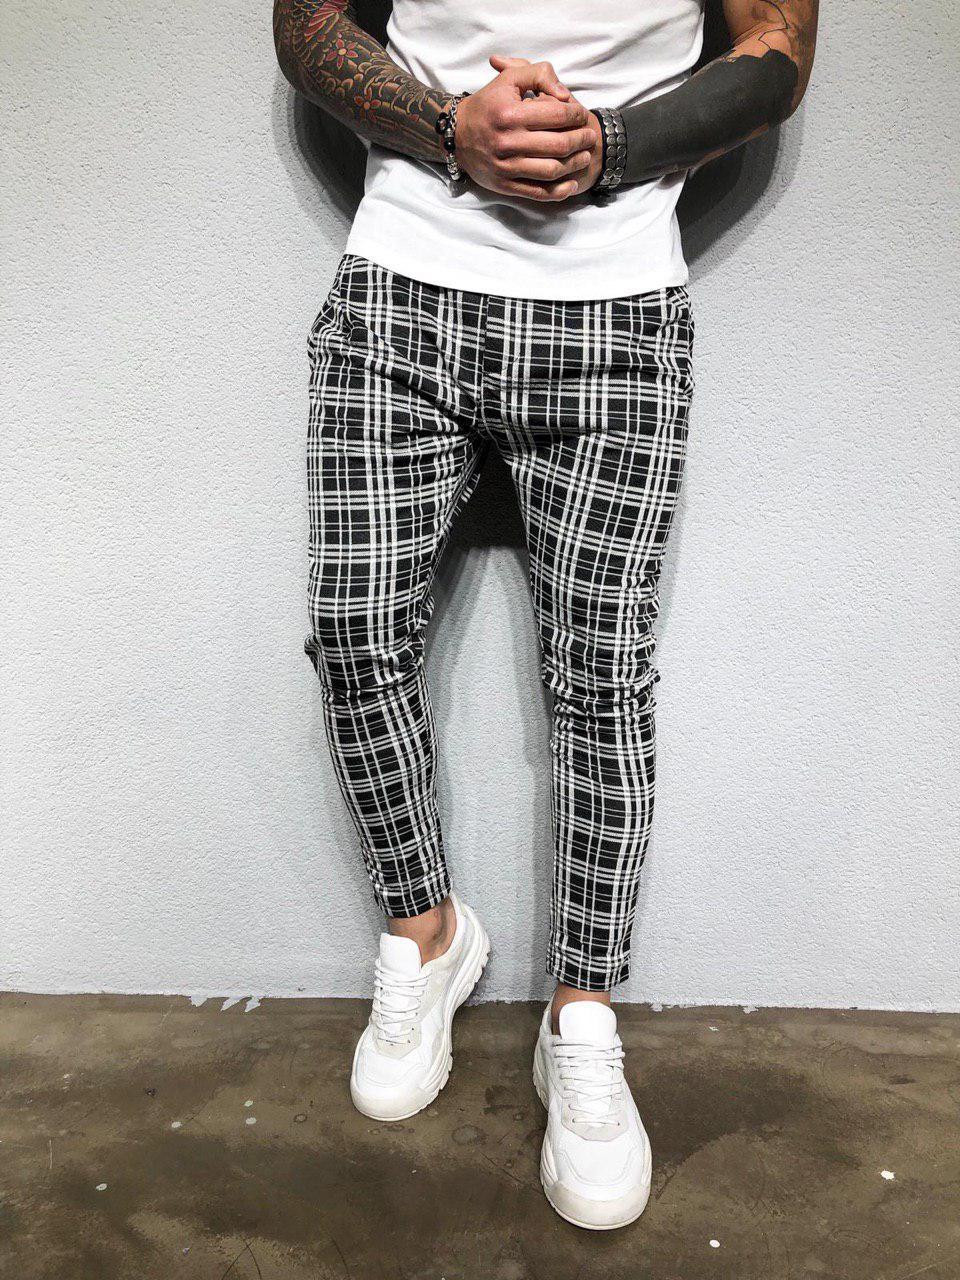 Мужские брюки с мотней черно-белые в клетку Black Island КА2085 размер ХЛ